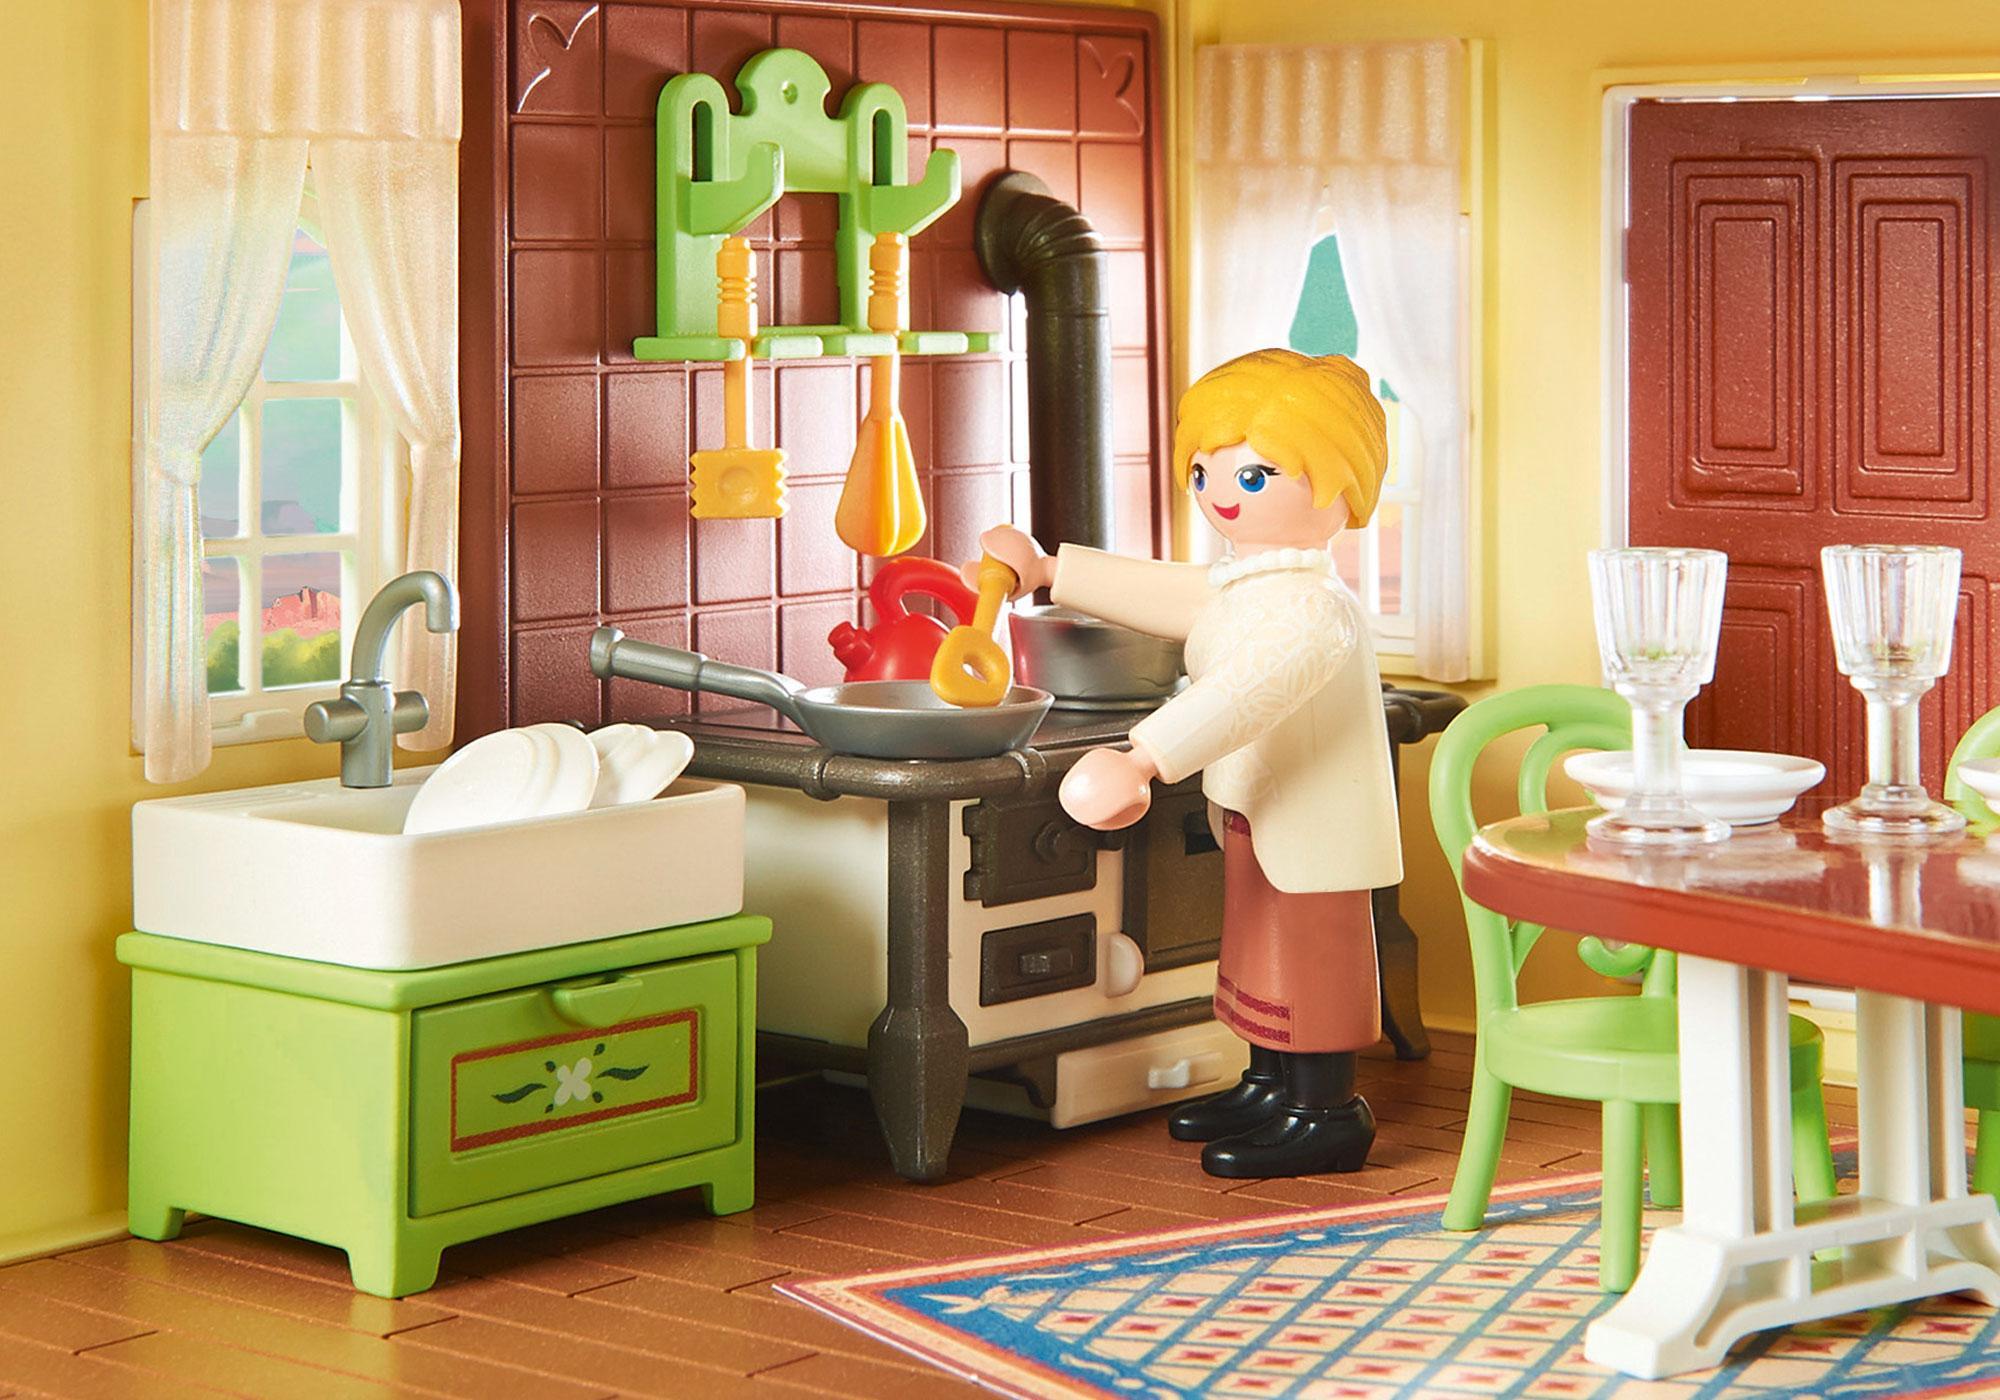 http://media.playmobil.com/i/playmobil/9475_product_extra1/Casa de Lucky